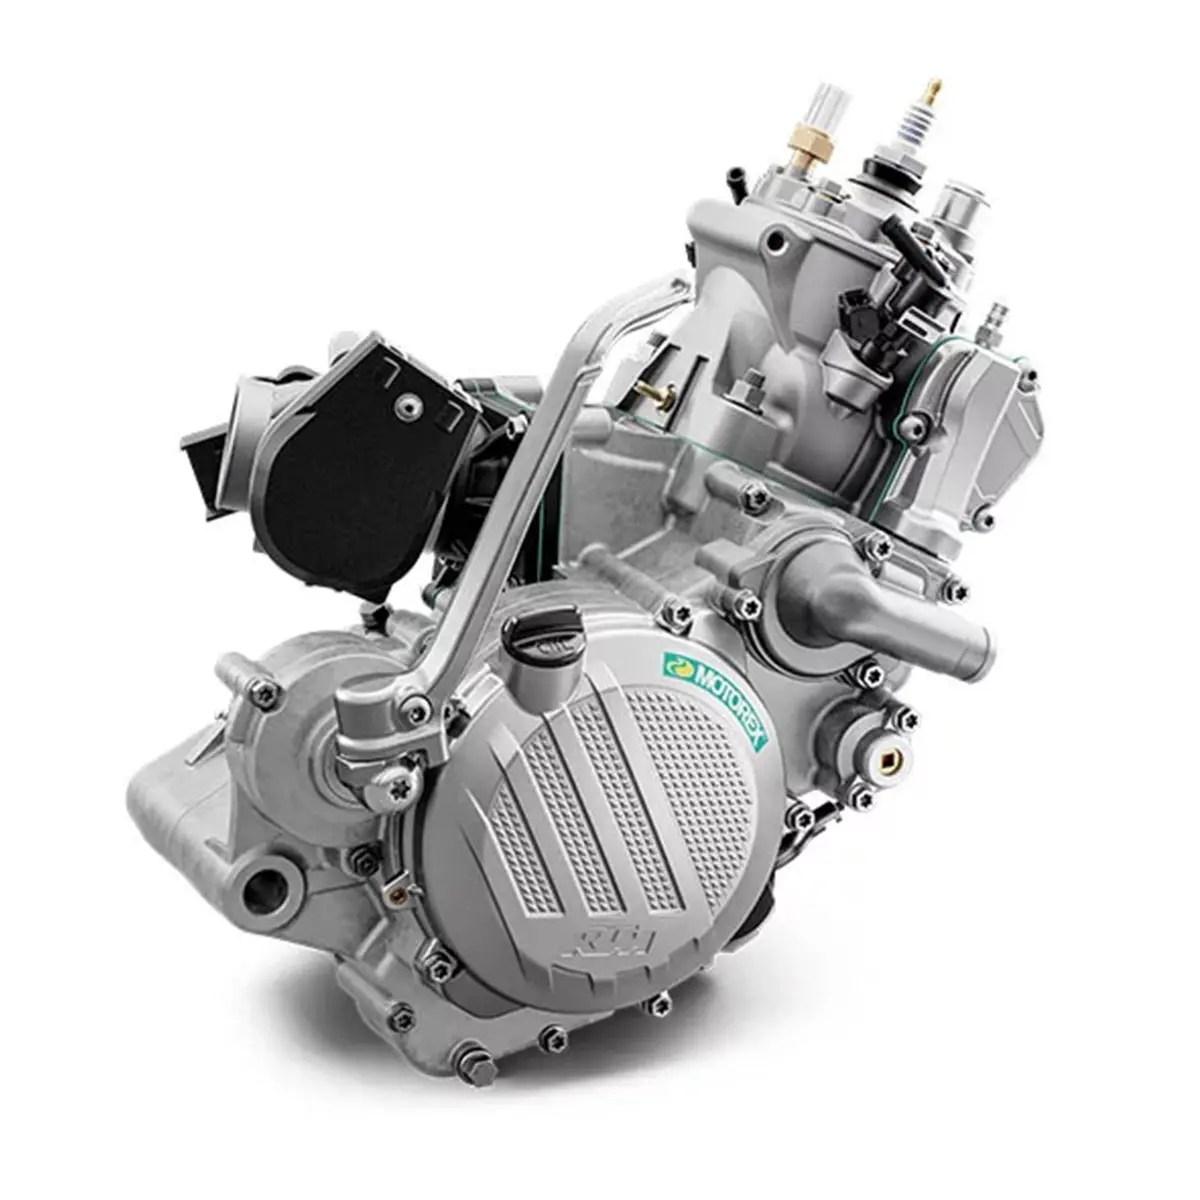 MOTEUR-KTM-150-EXC-TPI-2020